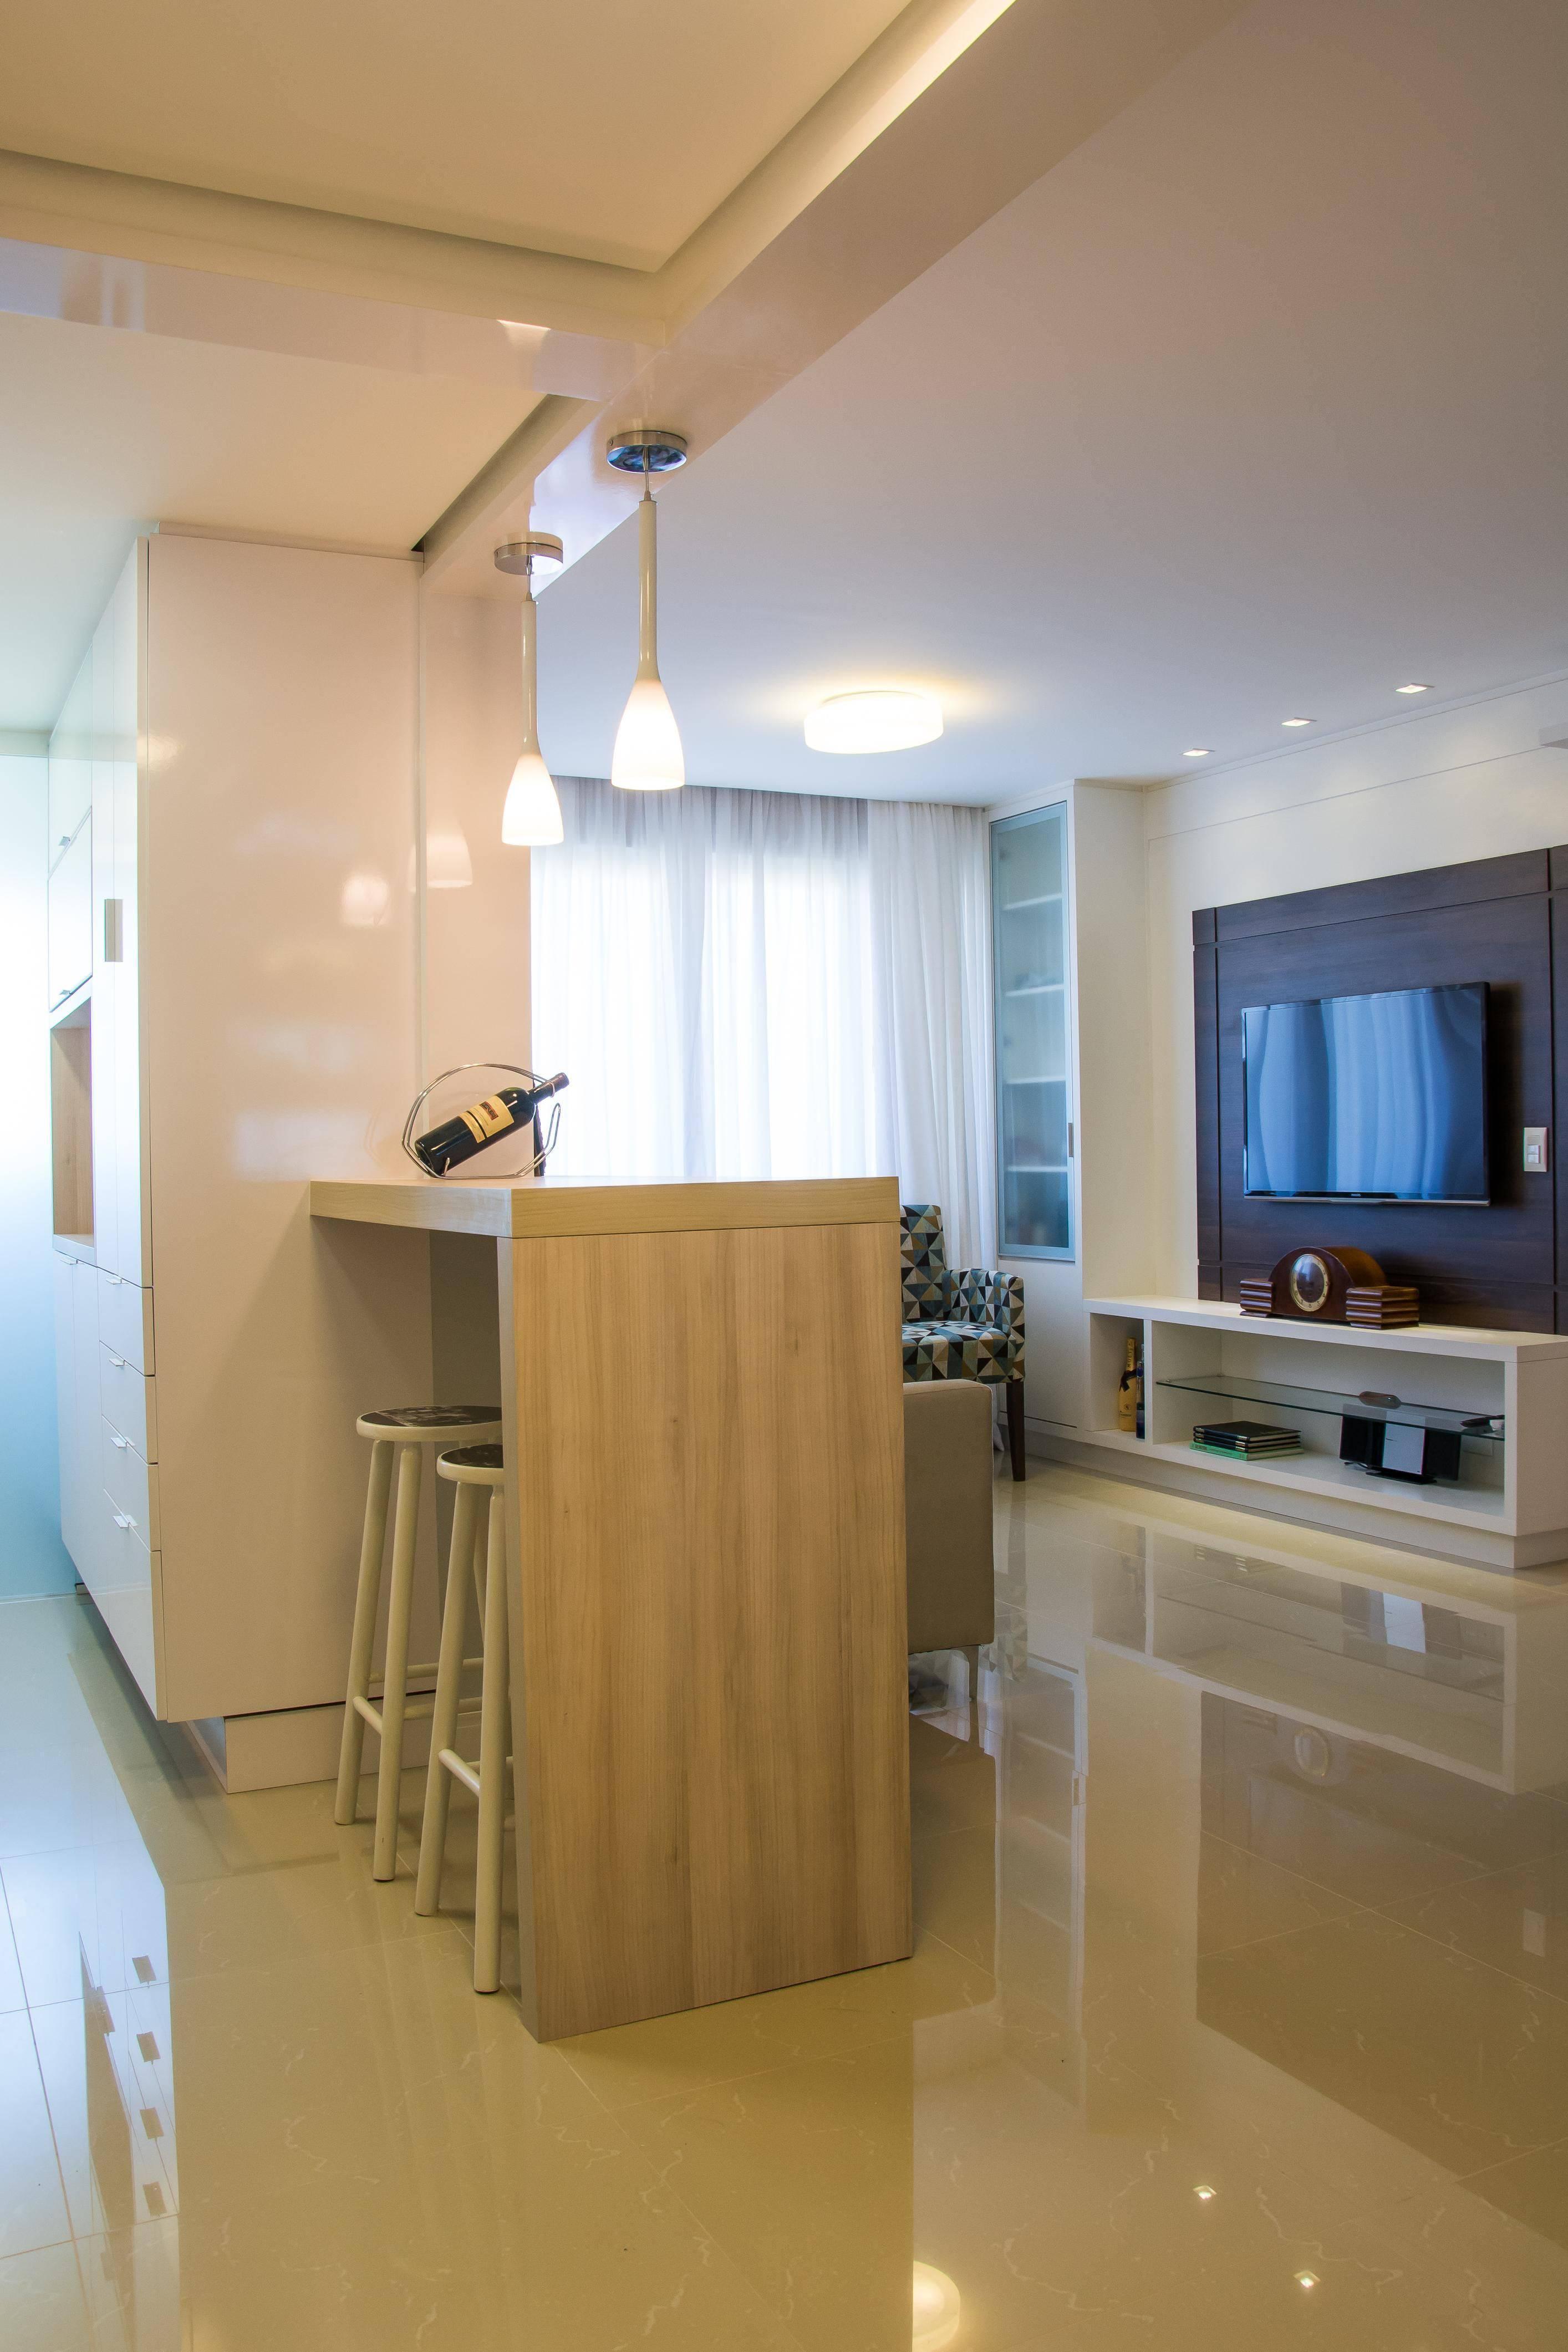 #8D6D3E Sala com cozinha americana simples para apartamentos pequenos 2828x4242 px Projeto De Cozinha Com Sala Pequena #2847 imagens